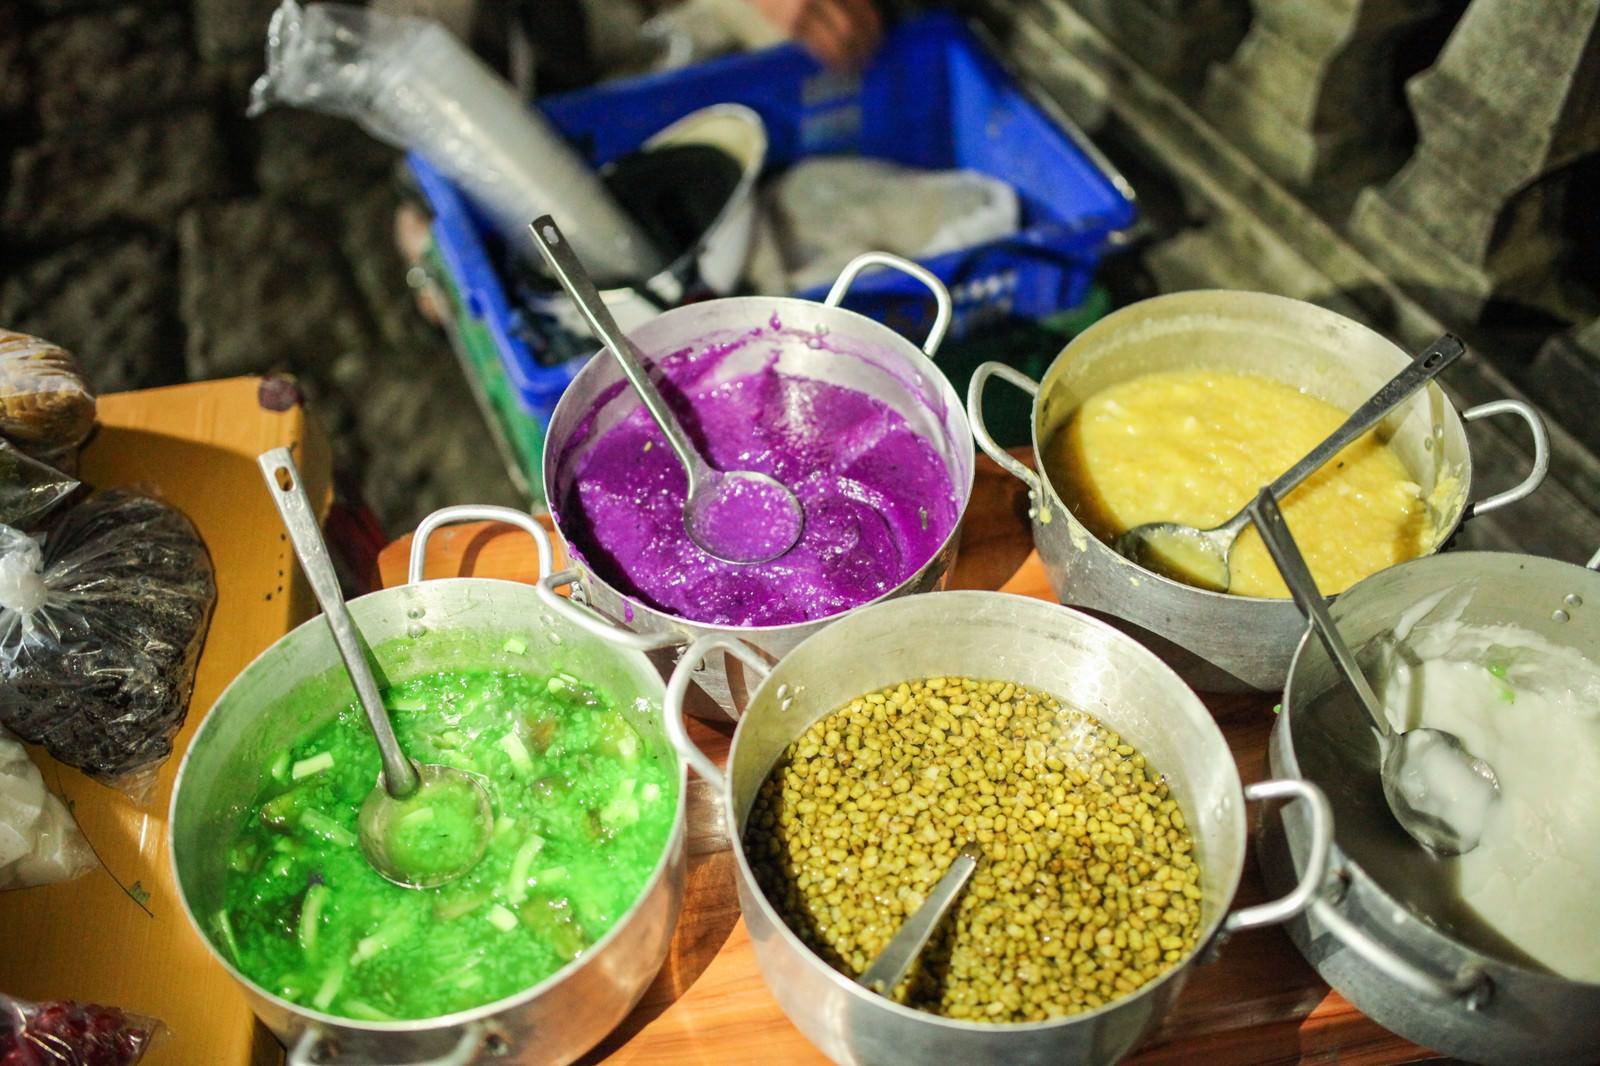 「ホーチミンのマーケットにあった色鮮やかな汁モノホーチミンのマーケットにあった色鮮やかな汁モノ」のフリー写真素材を拡大